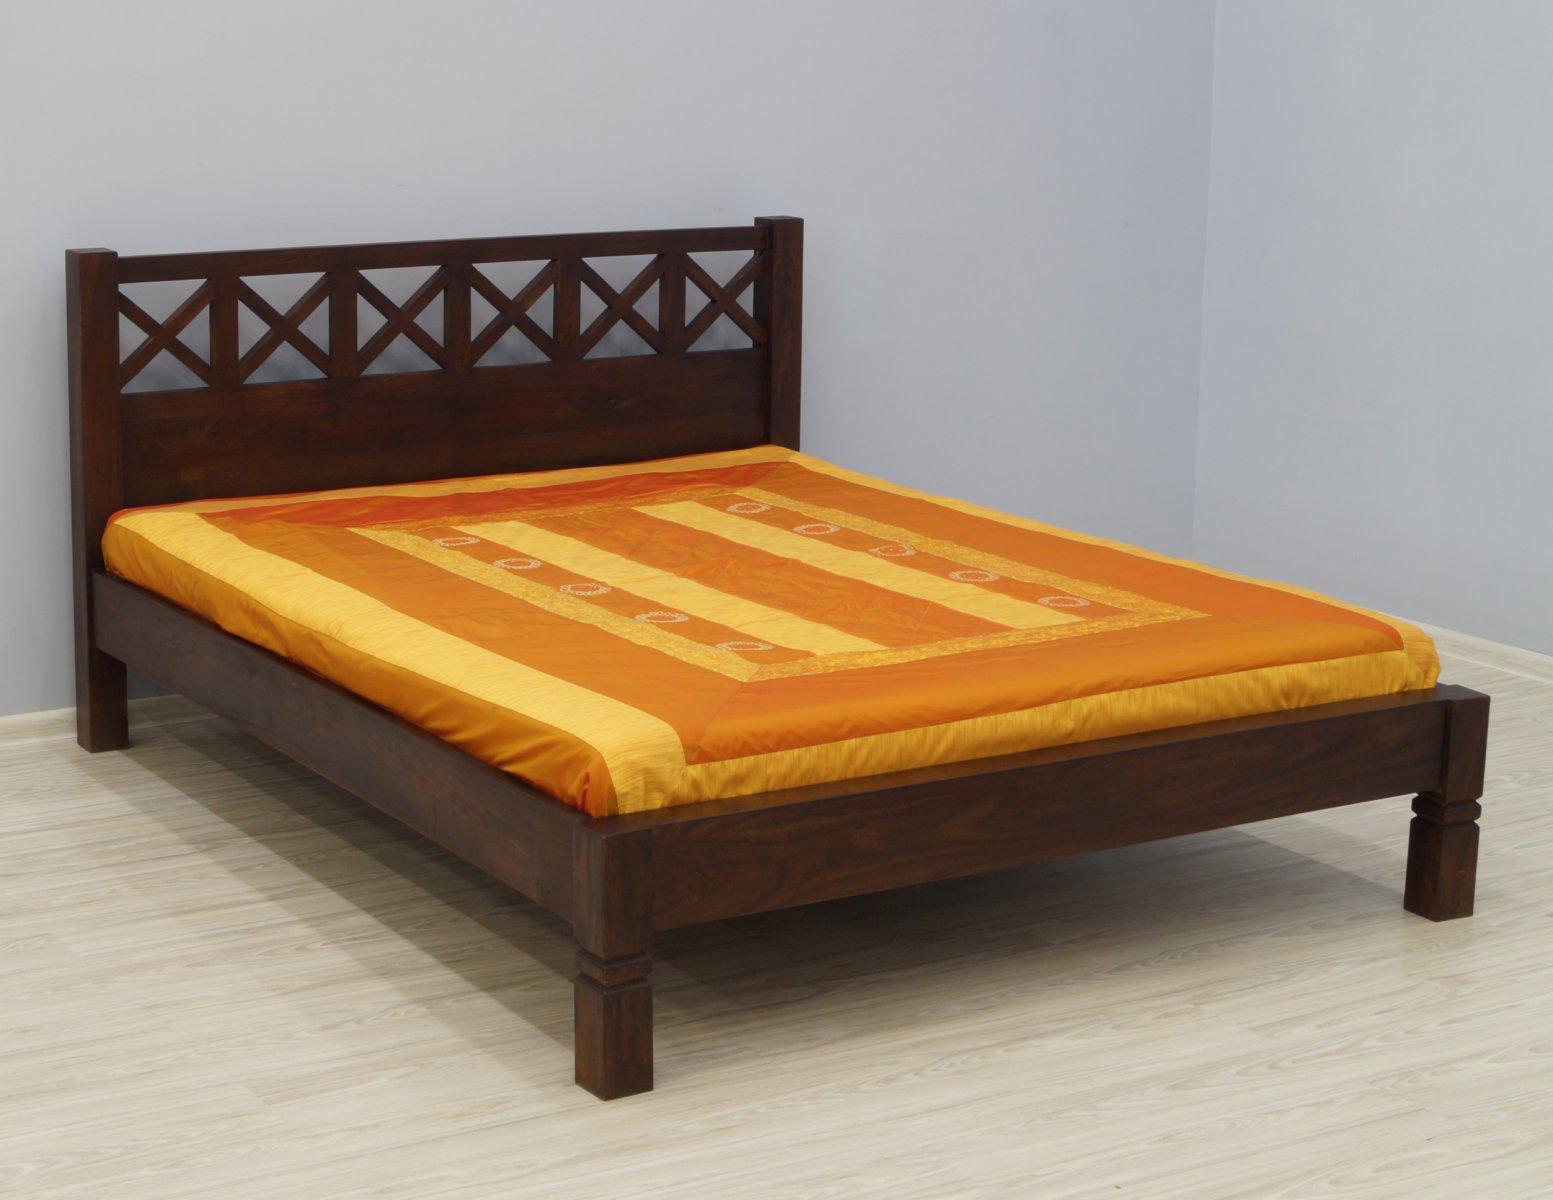 Łóżko kolonialne lite drewno palisander indyjski zdobione ciemny brąz